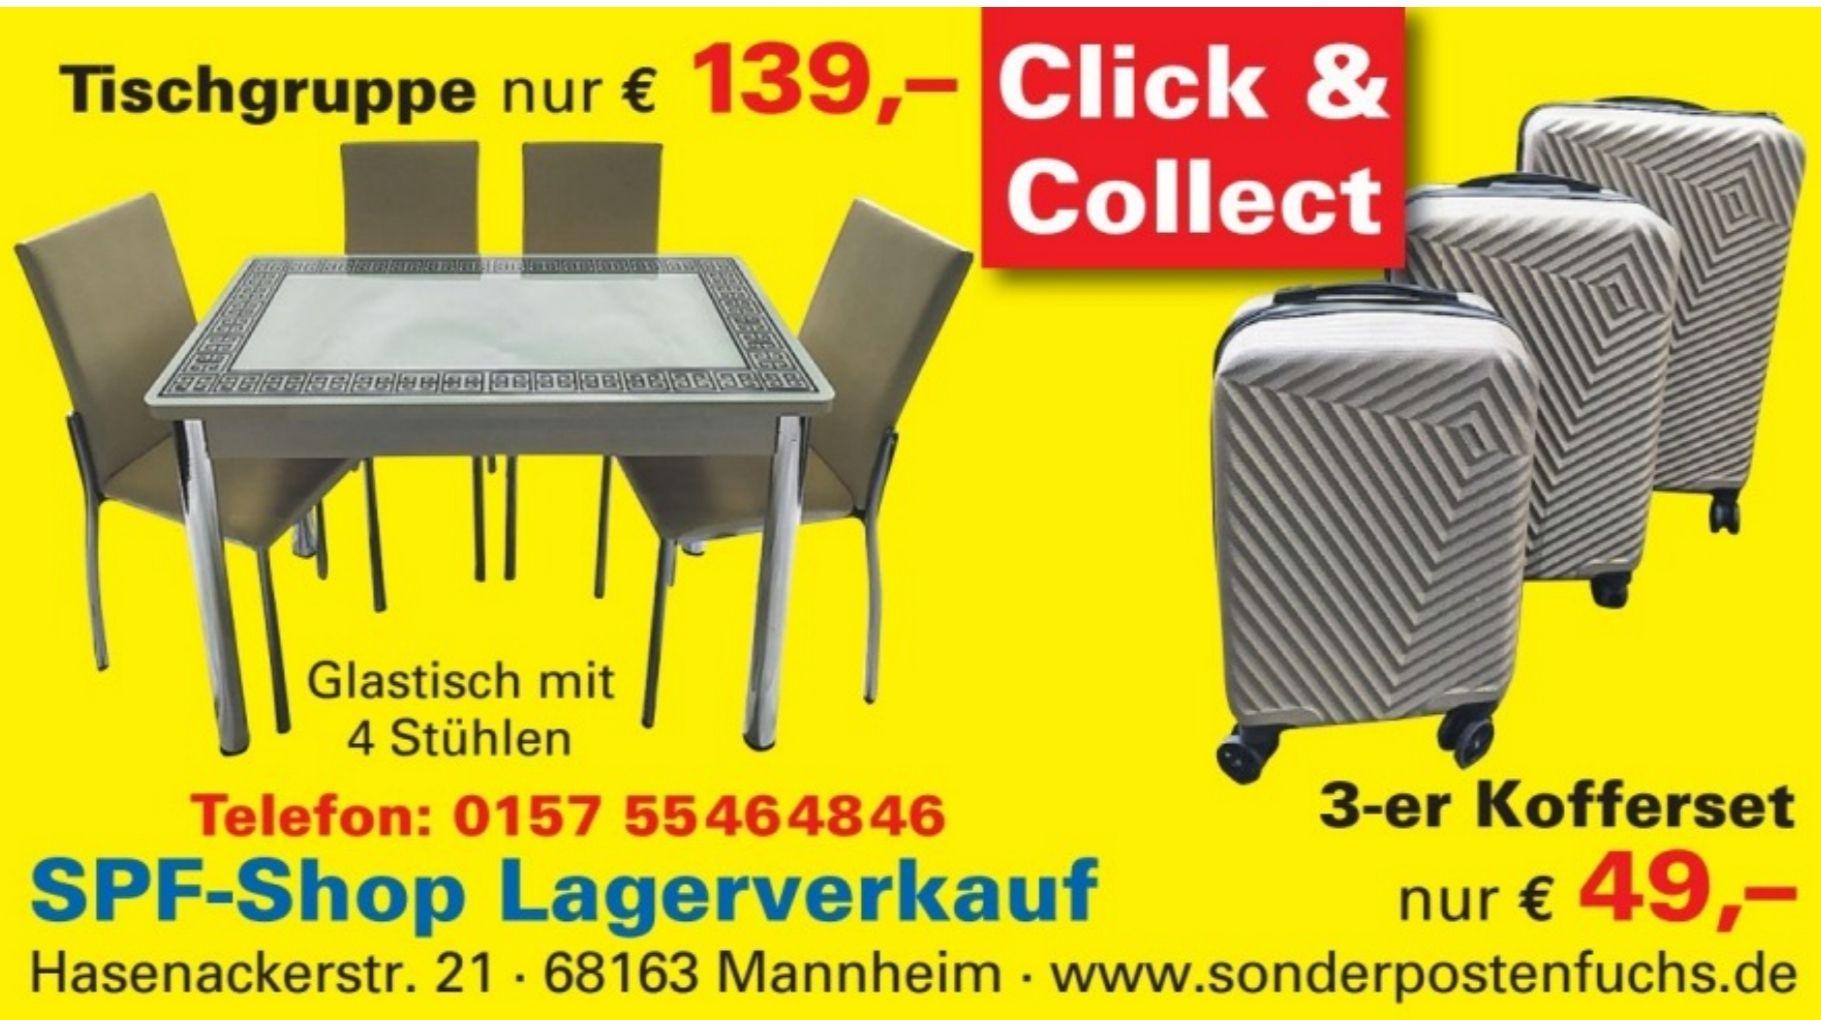 LOKAL Mannheim-Neckarau: Tischgruppe-Esszimmer-Tischset / Glastisch mit 4 Stühlen 139,00 Eur